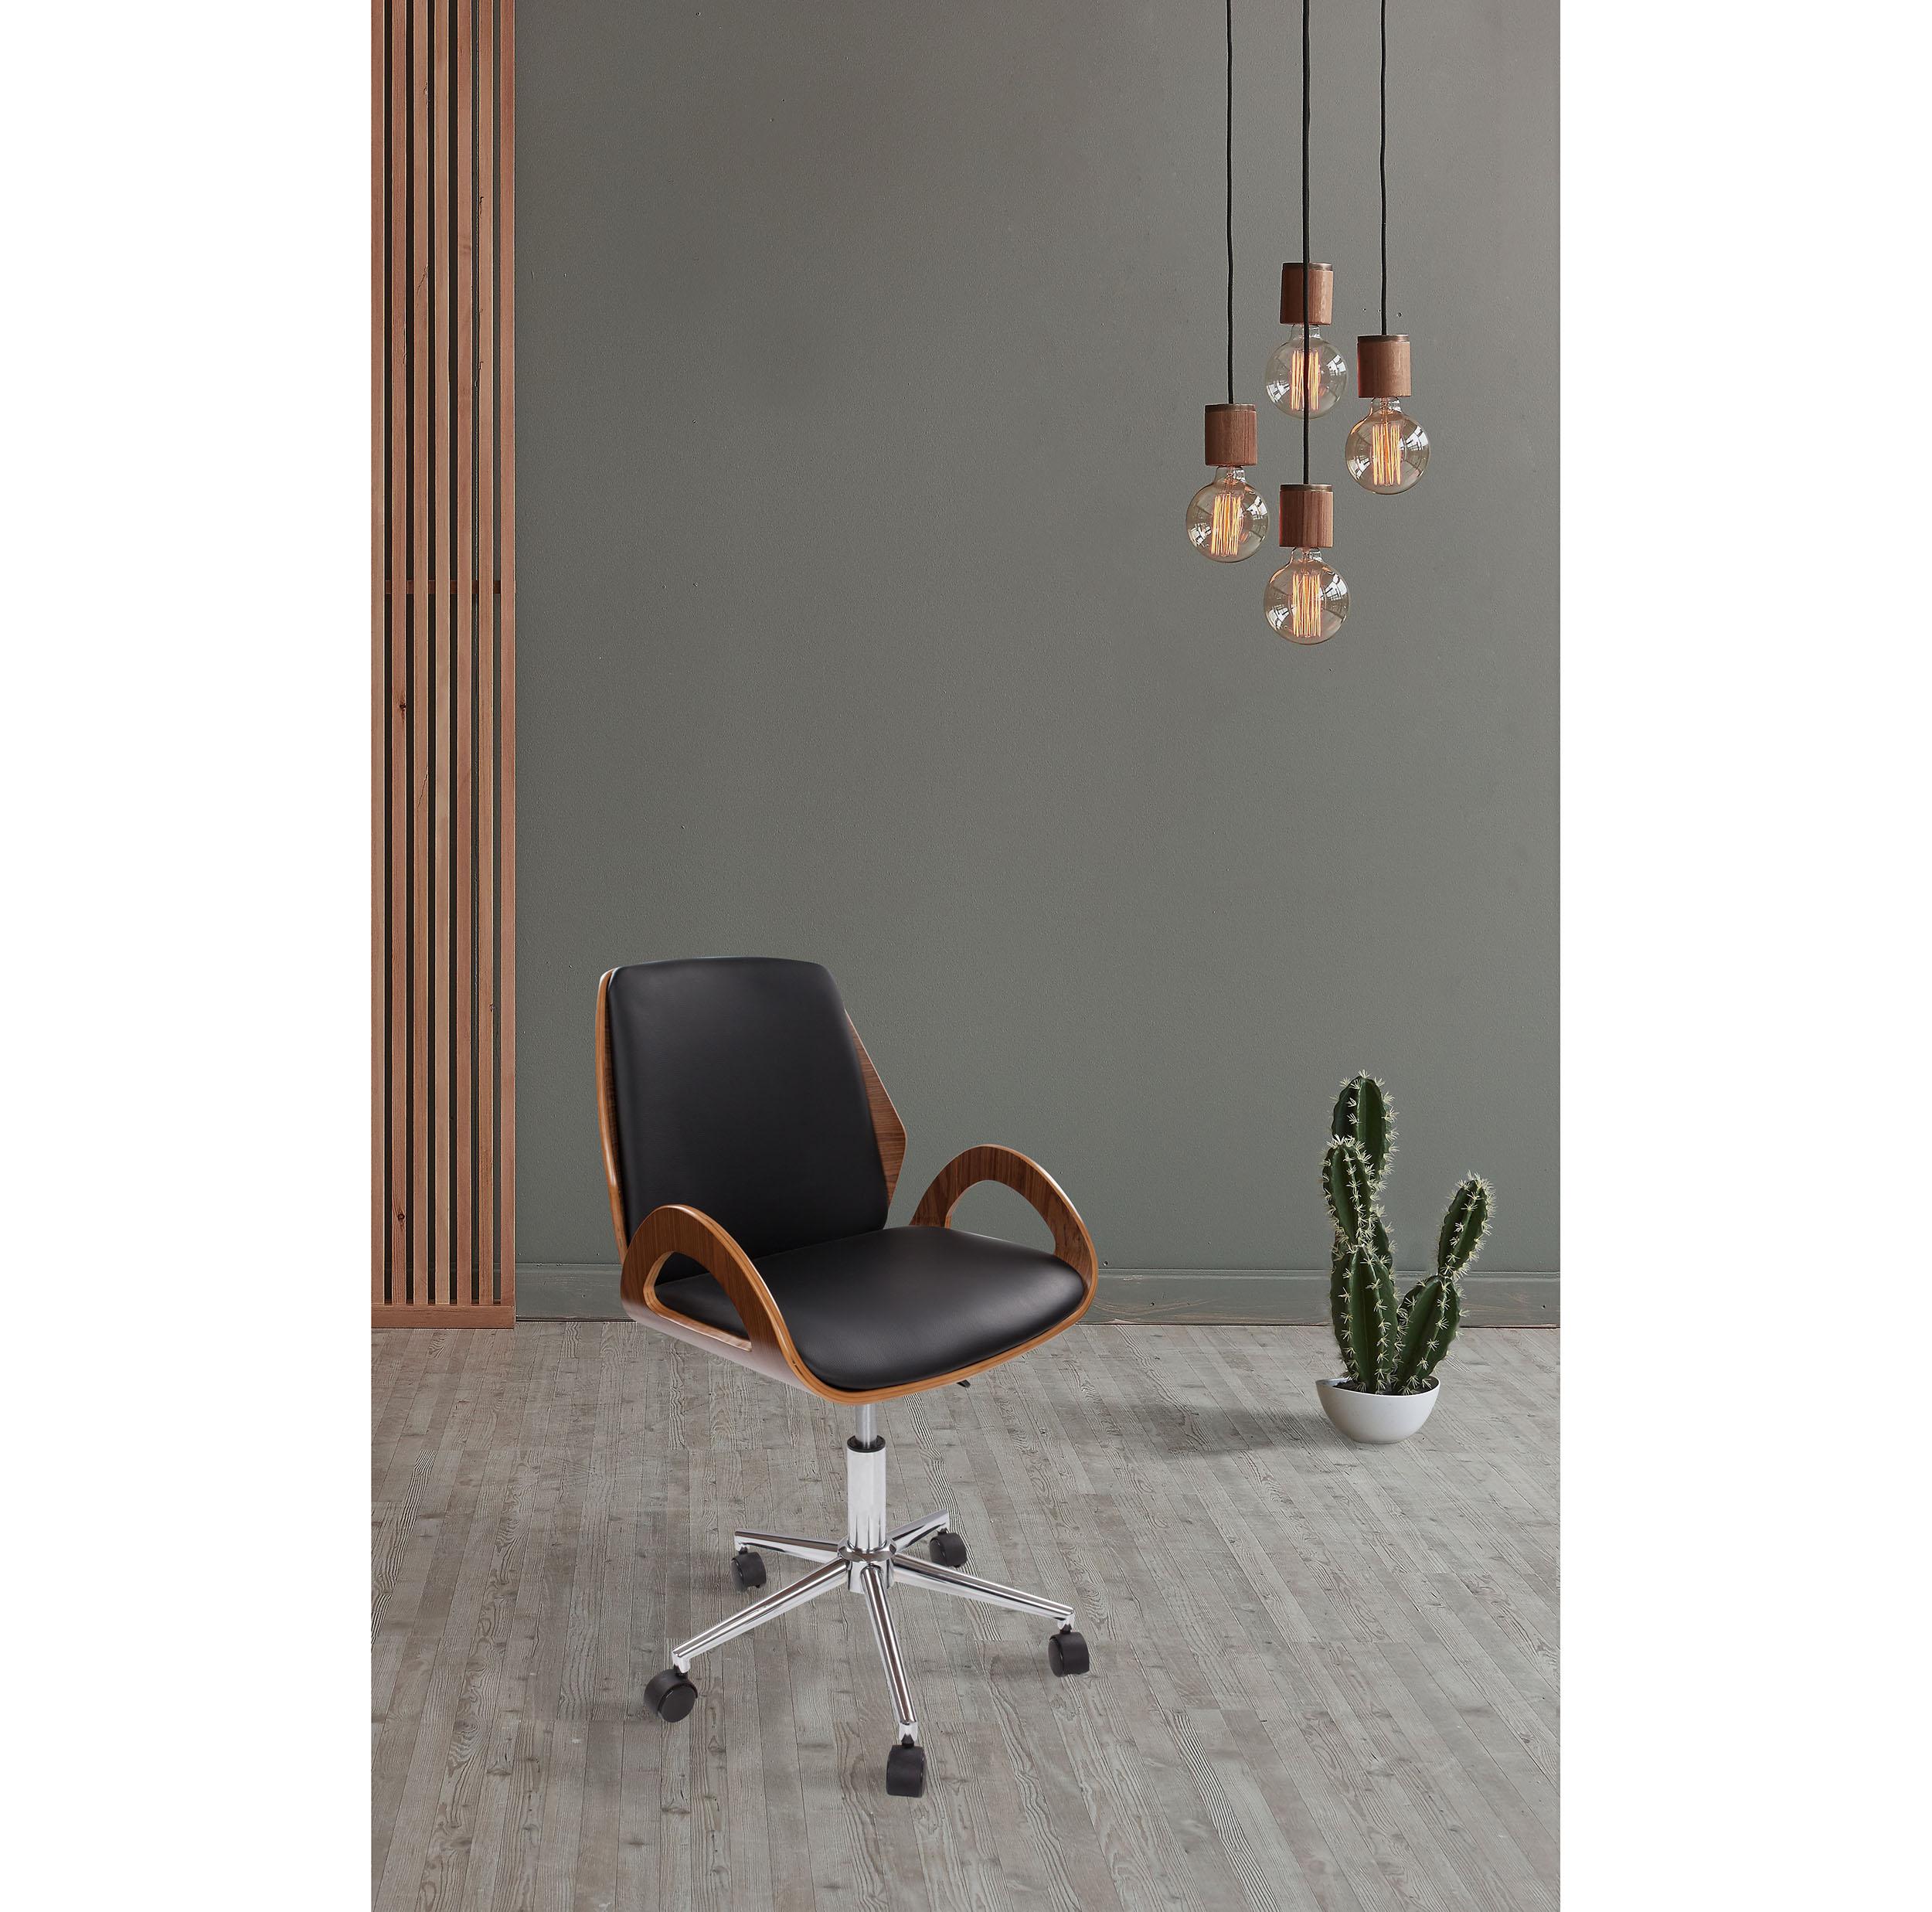 Bureaustoel Zwart Design.Design Bureaustoel Van Hout Bureaustoelen Kameraankleden Nl